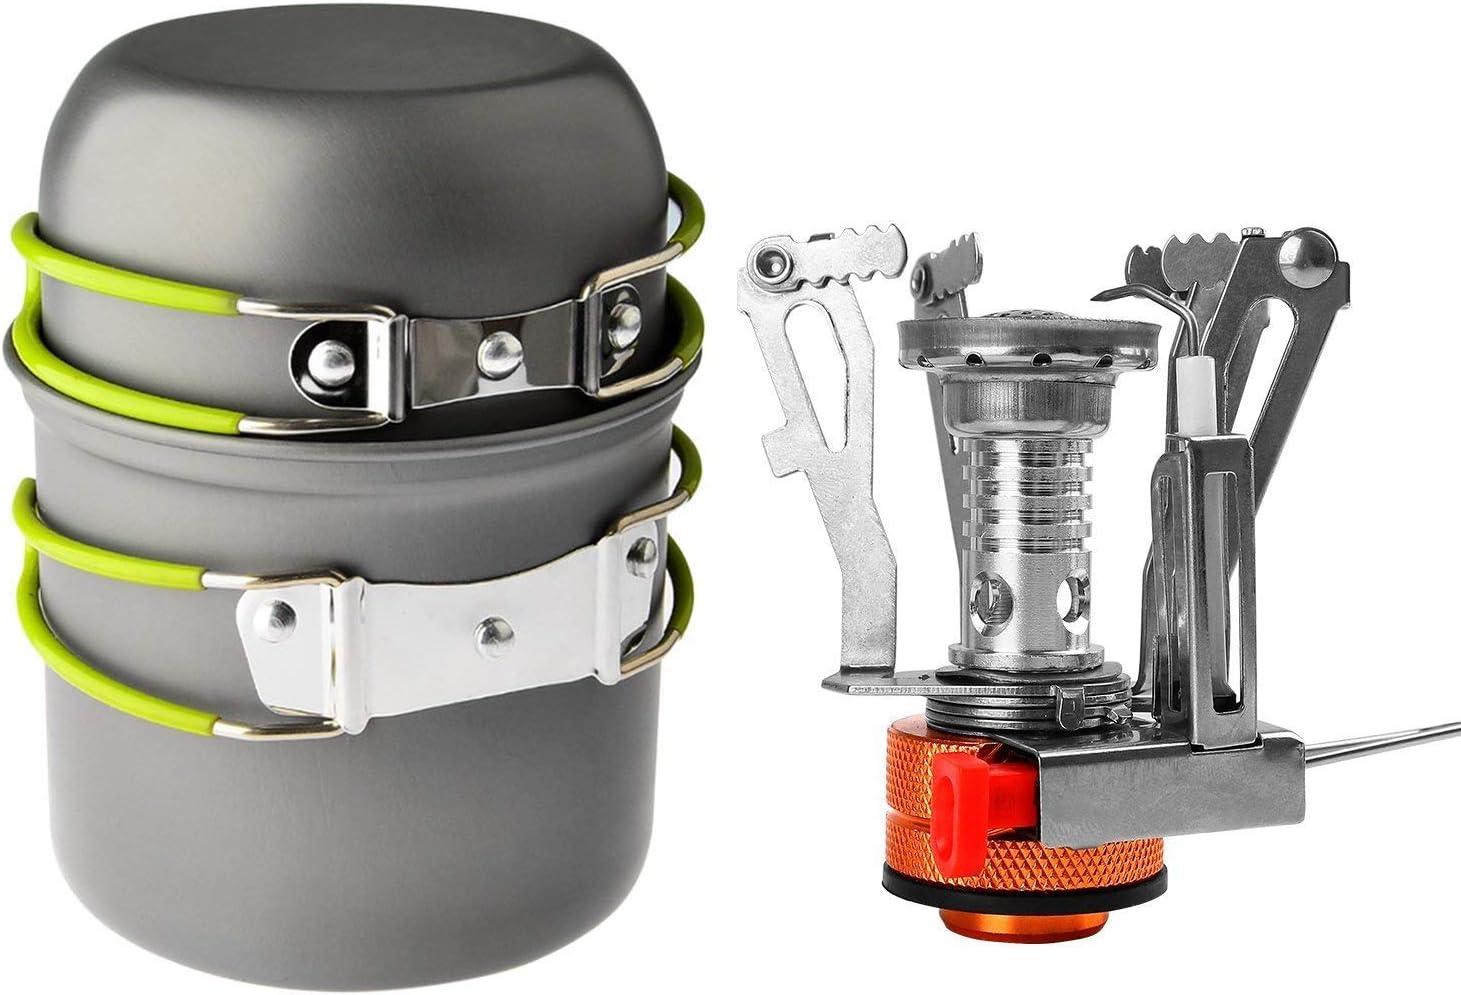 Acampar kit de utensilios de cocina,Portátil 304 Acero Inoxidable Colgantes Taza de Supervivencia,Taza de Agua de 12 onzas con Protector Ideal para ...